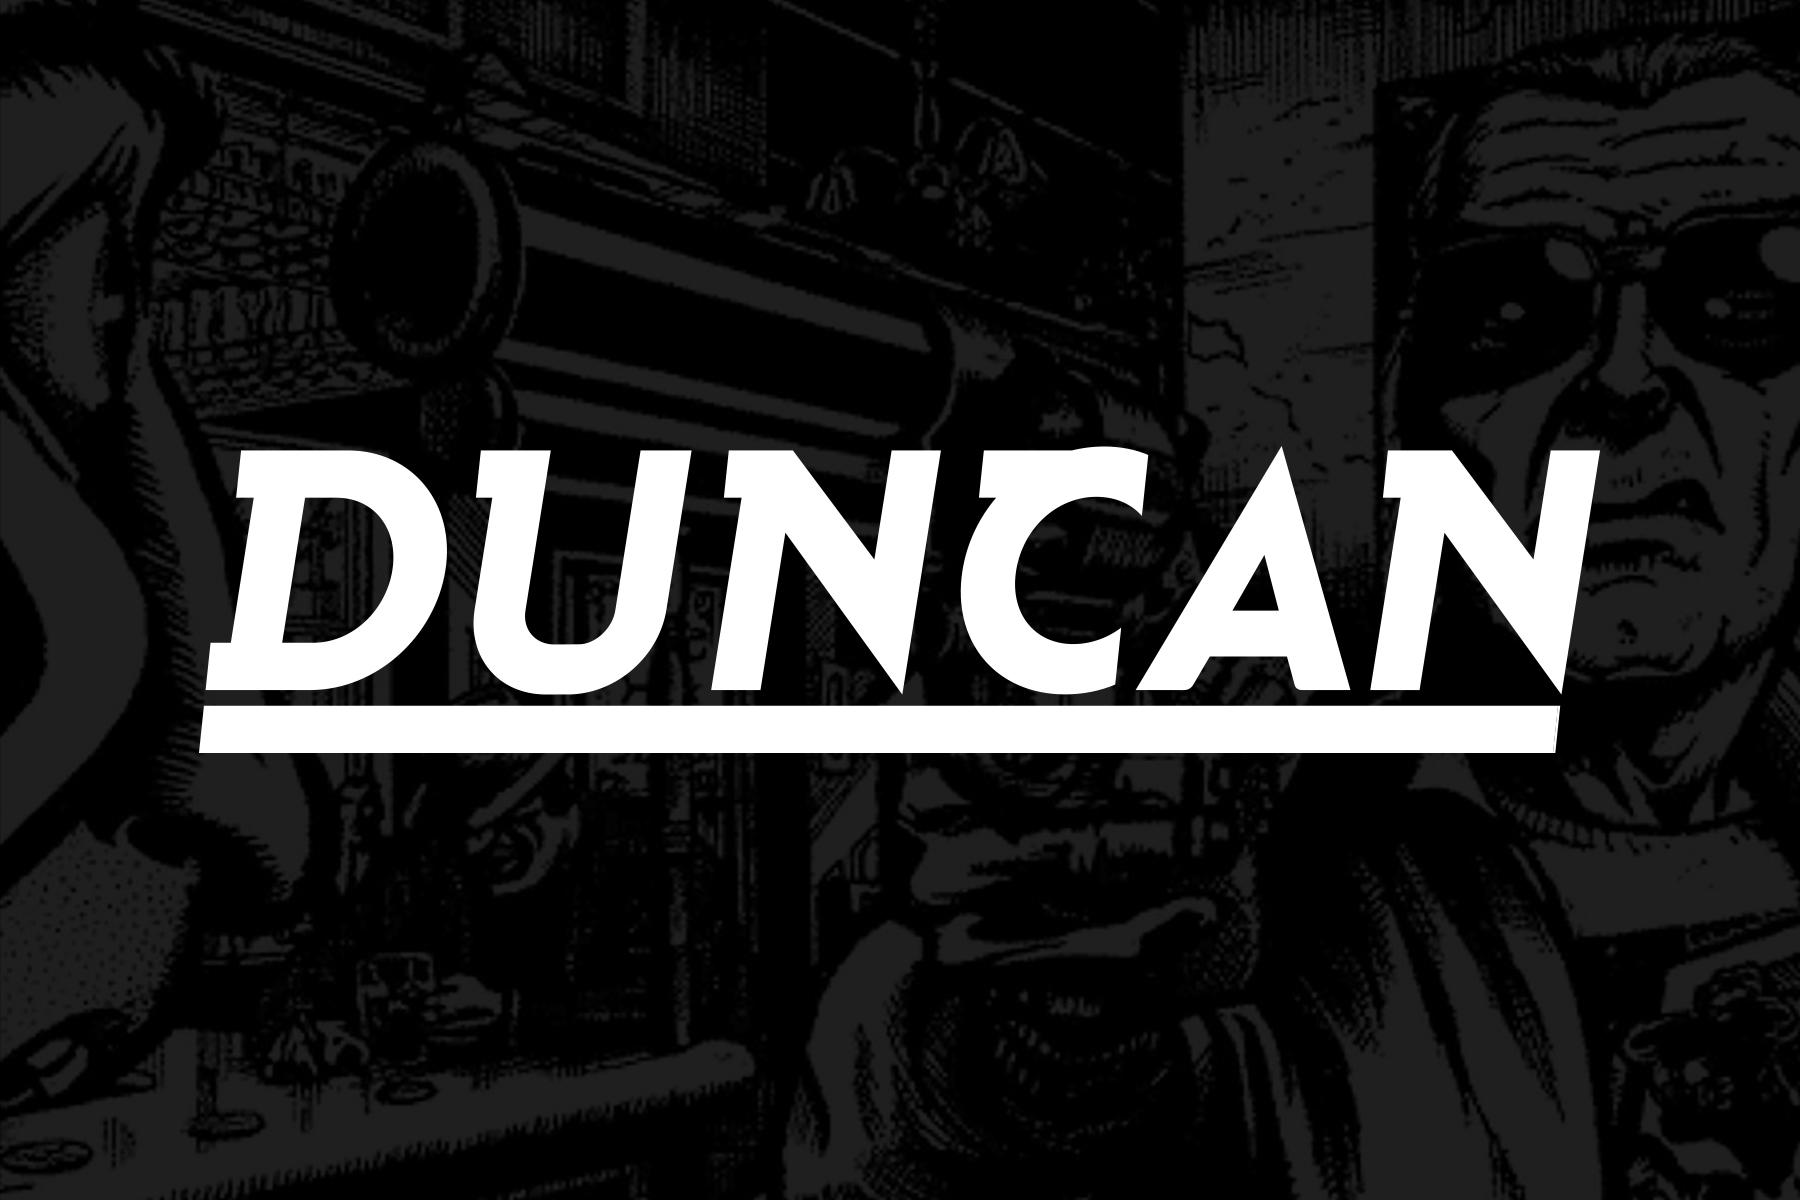 duncan-logo.jpg